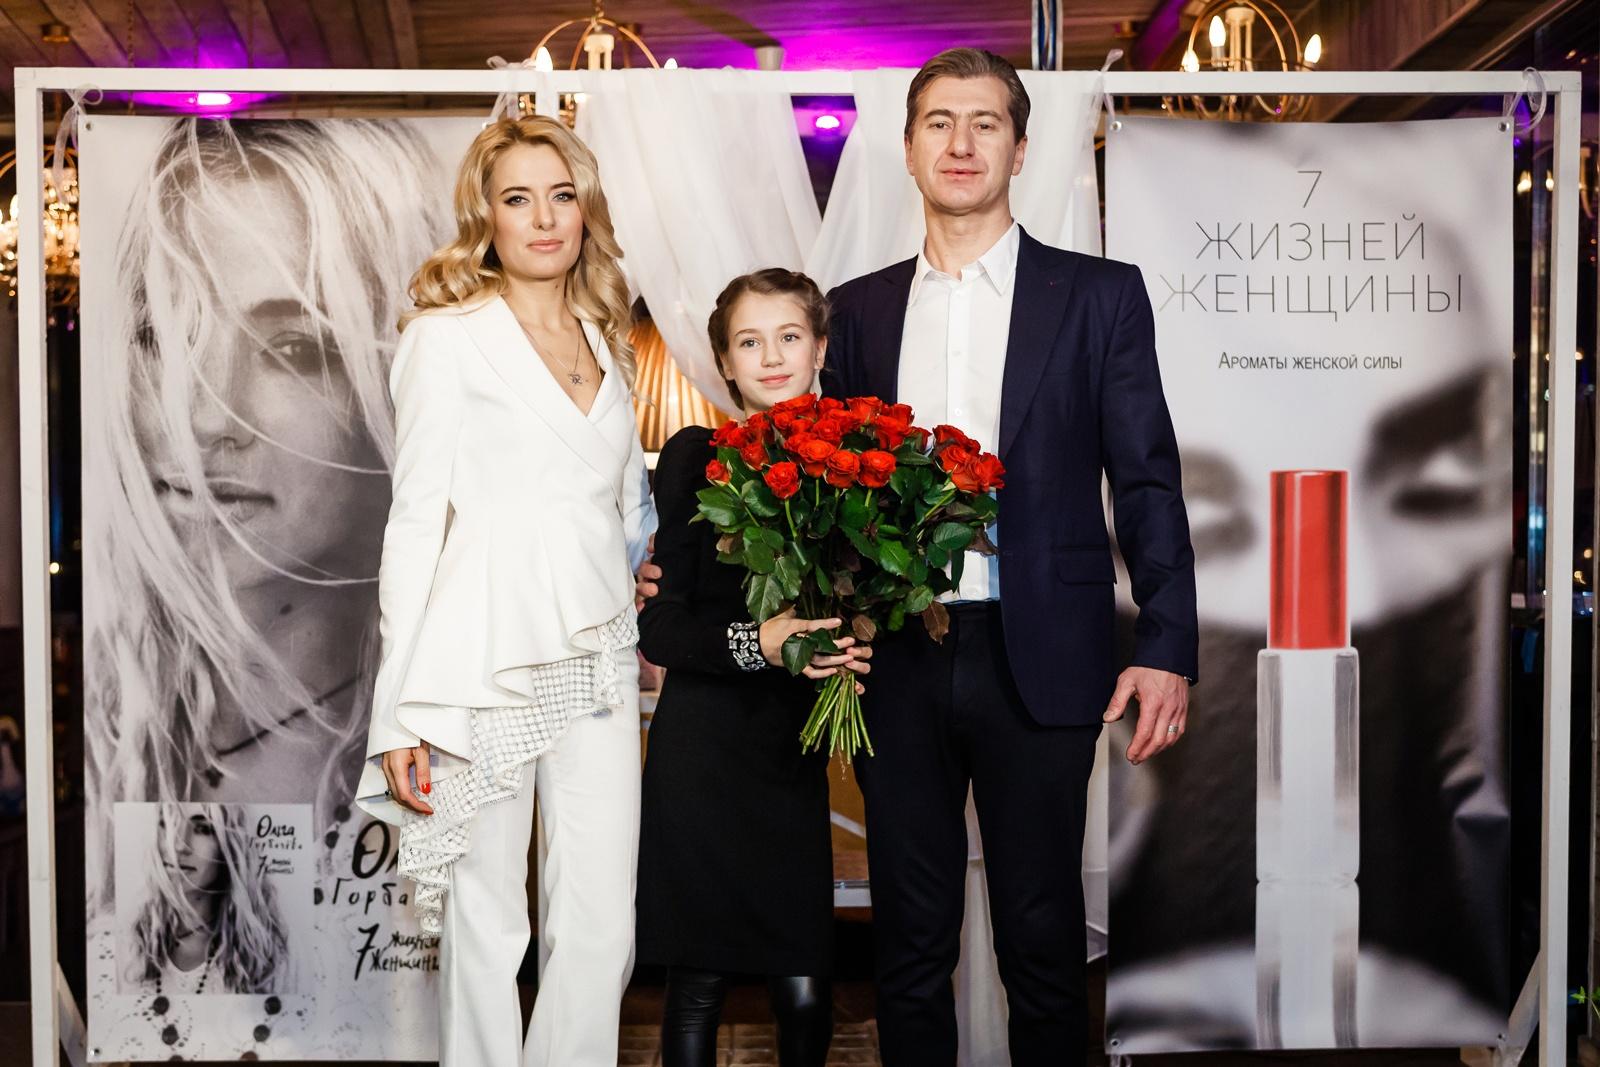 olga-gorbachyova-ustroila-samuyu-neobychnuyu-prezentaciyu-alboma-foto-2